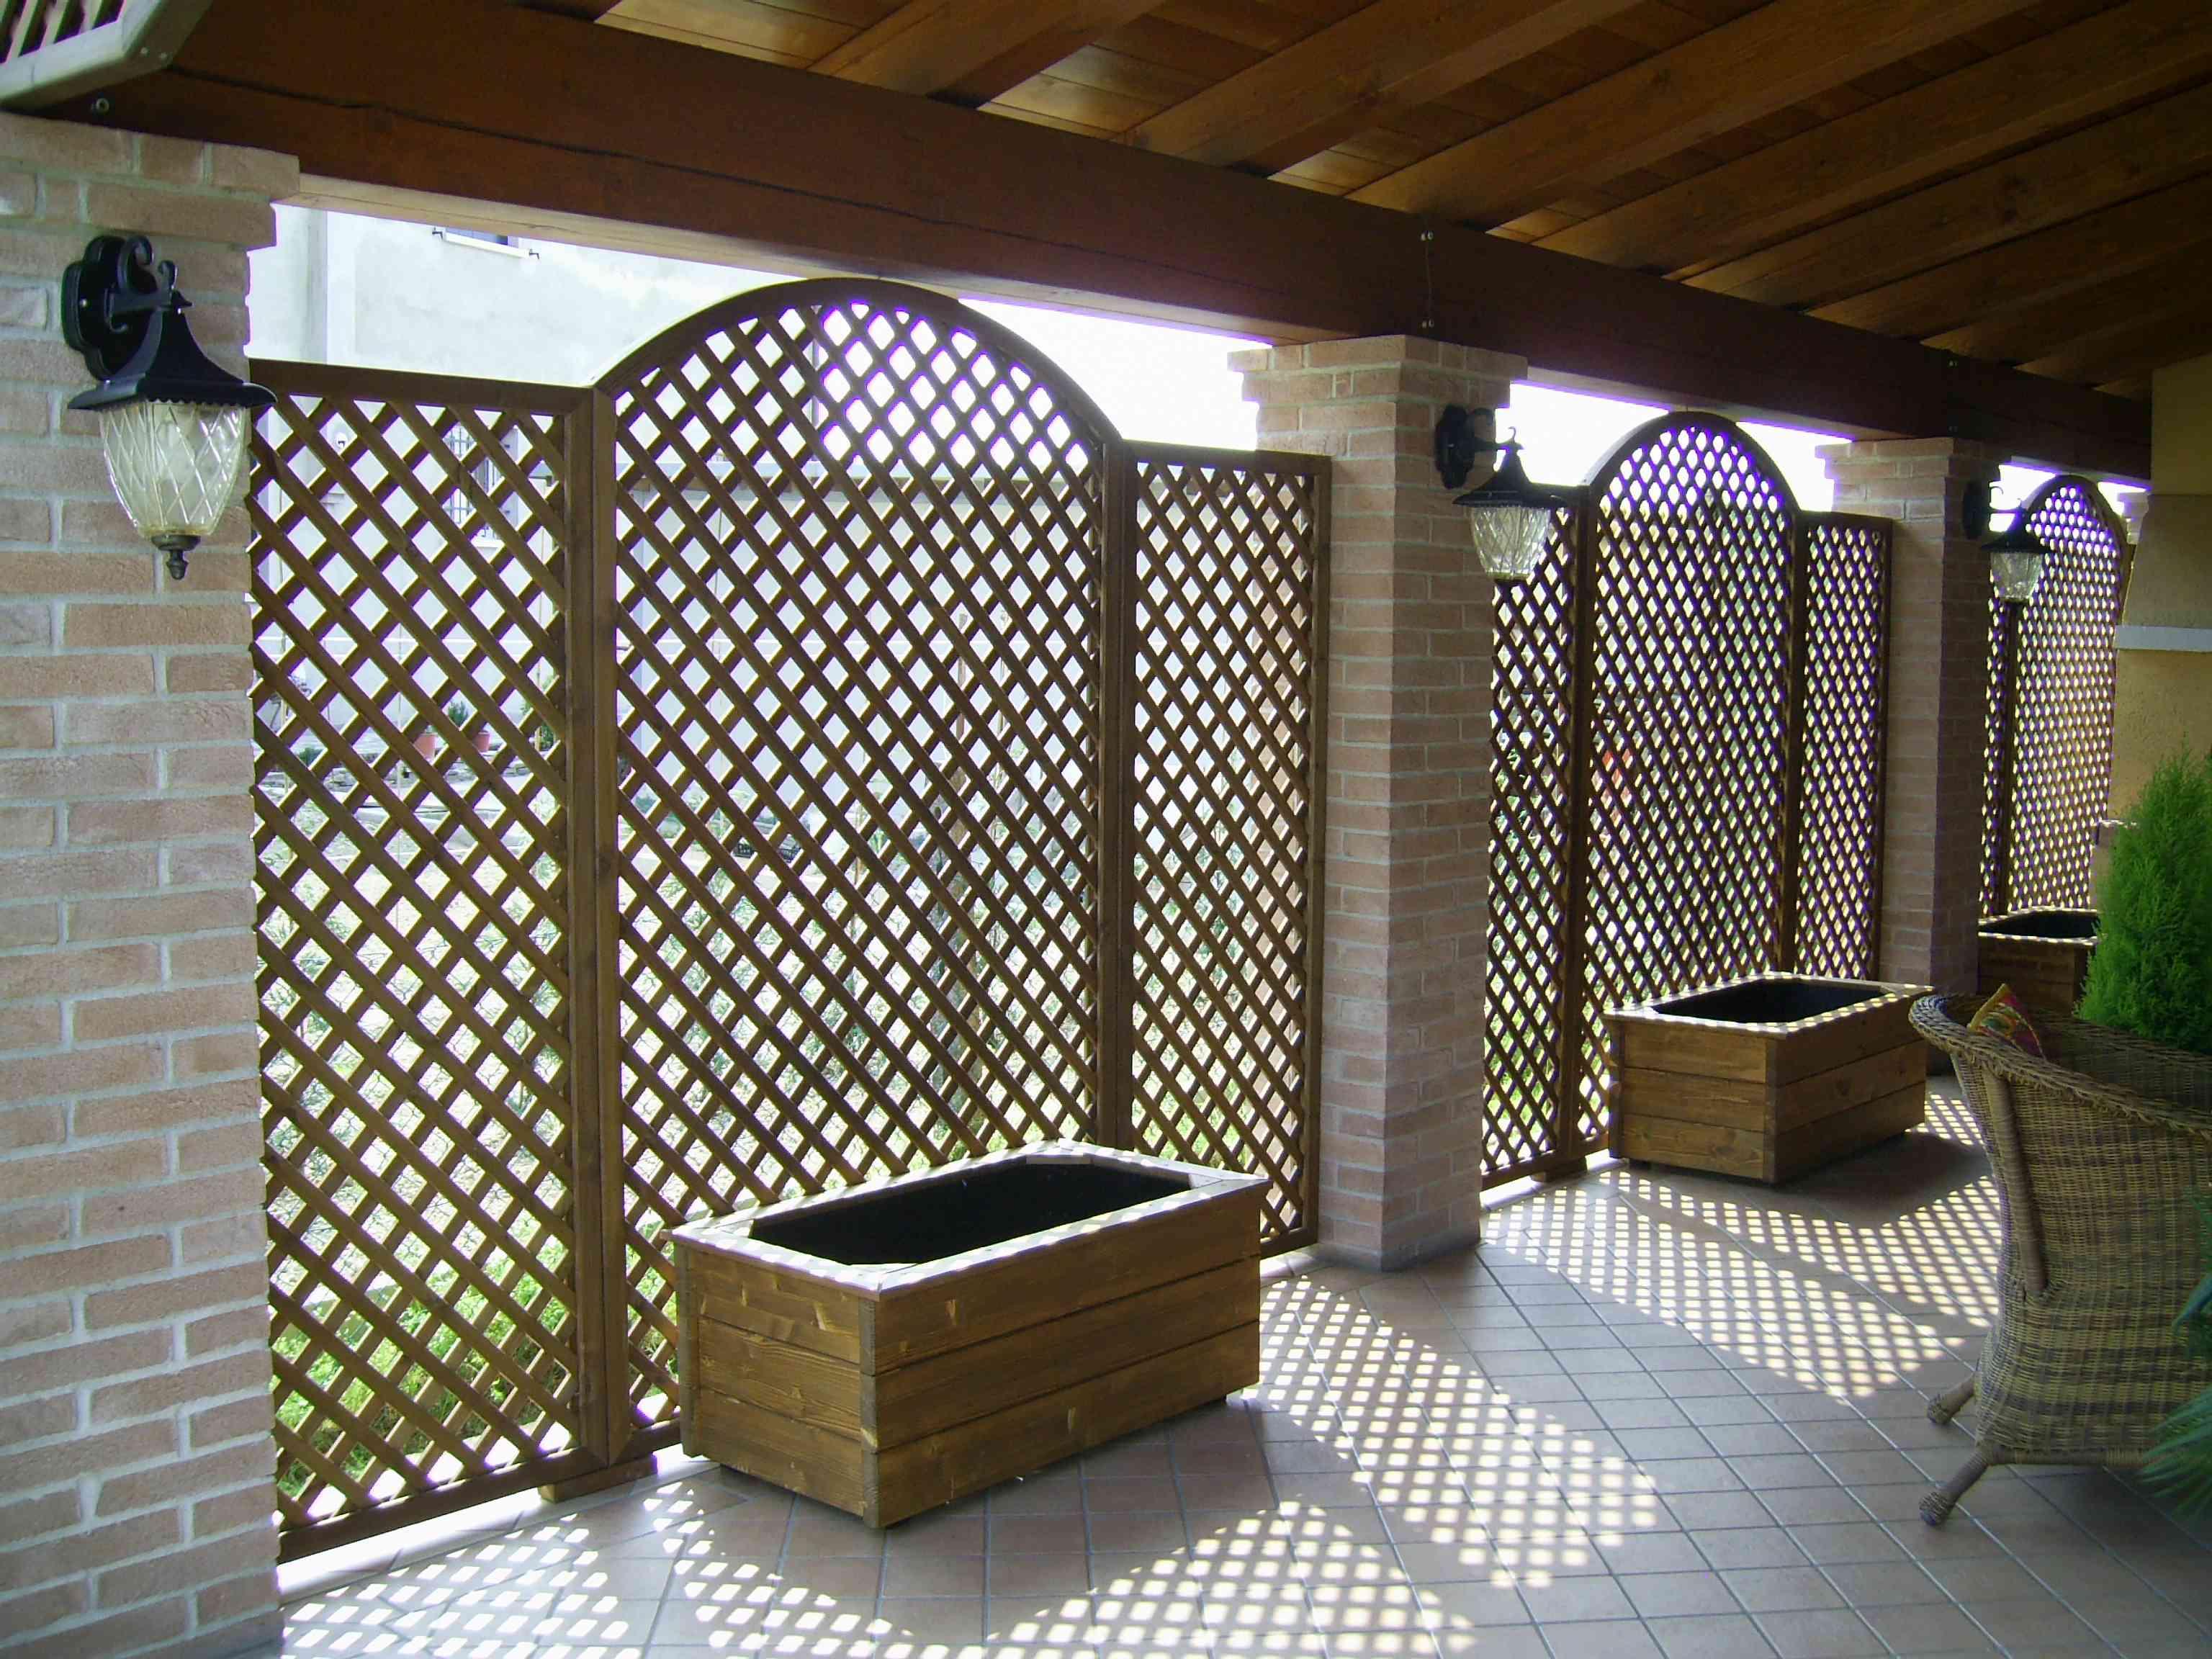 Grigliati in legno di abete impregnato o colorato for Grigliati in legno ikea